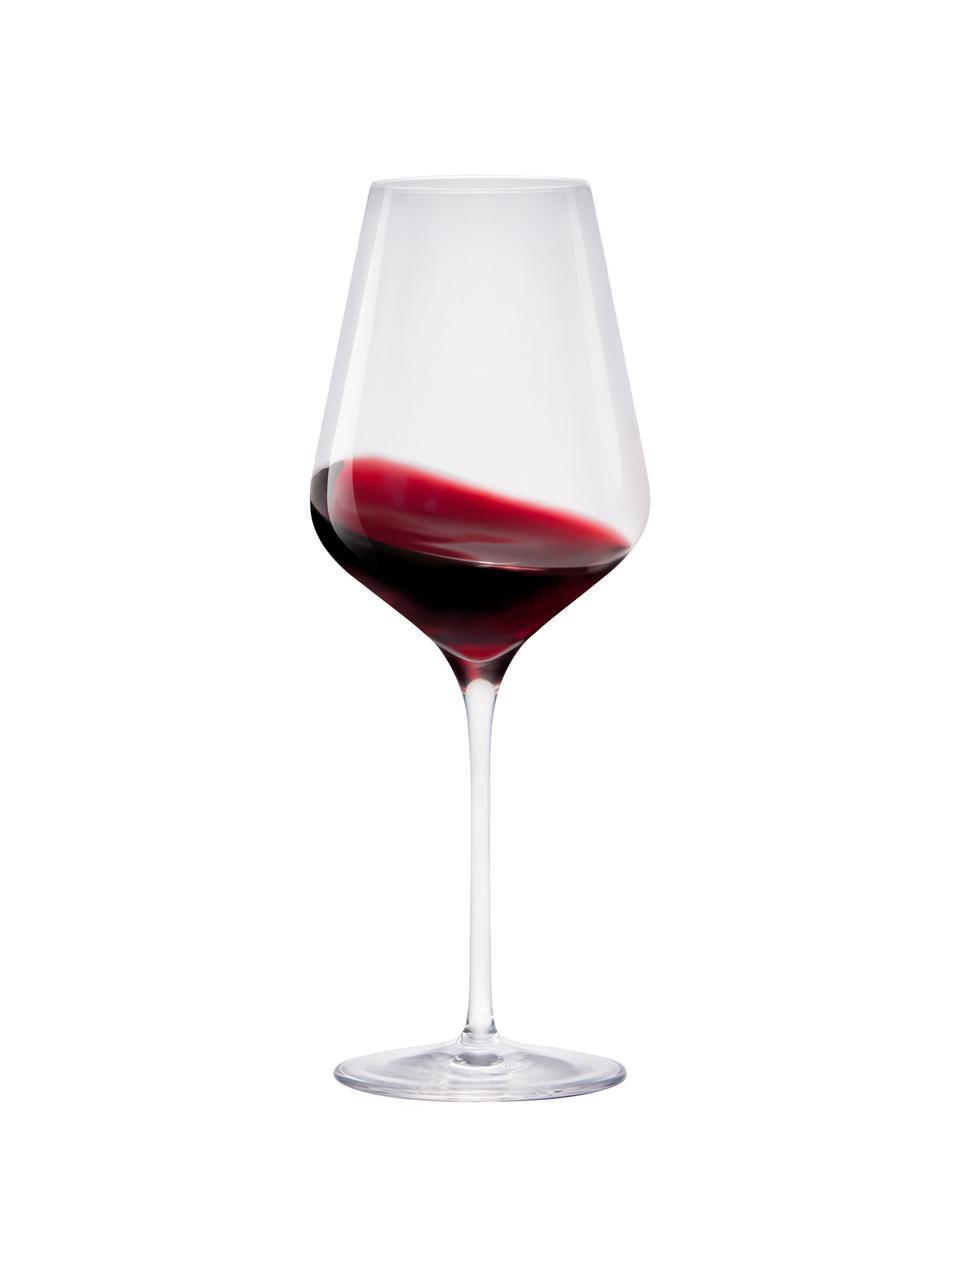 Kryształowy kieliszek do czerwonego wina Quatrophil, 6 szt., Szkło kryształowe, Transparentny, Ø 10 x W 25 cm